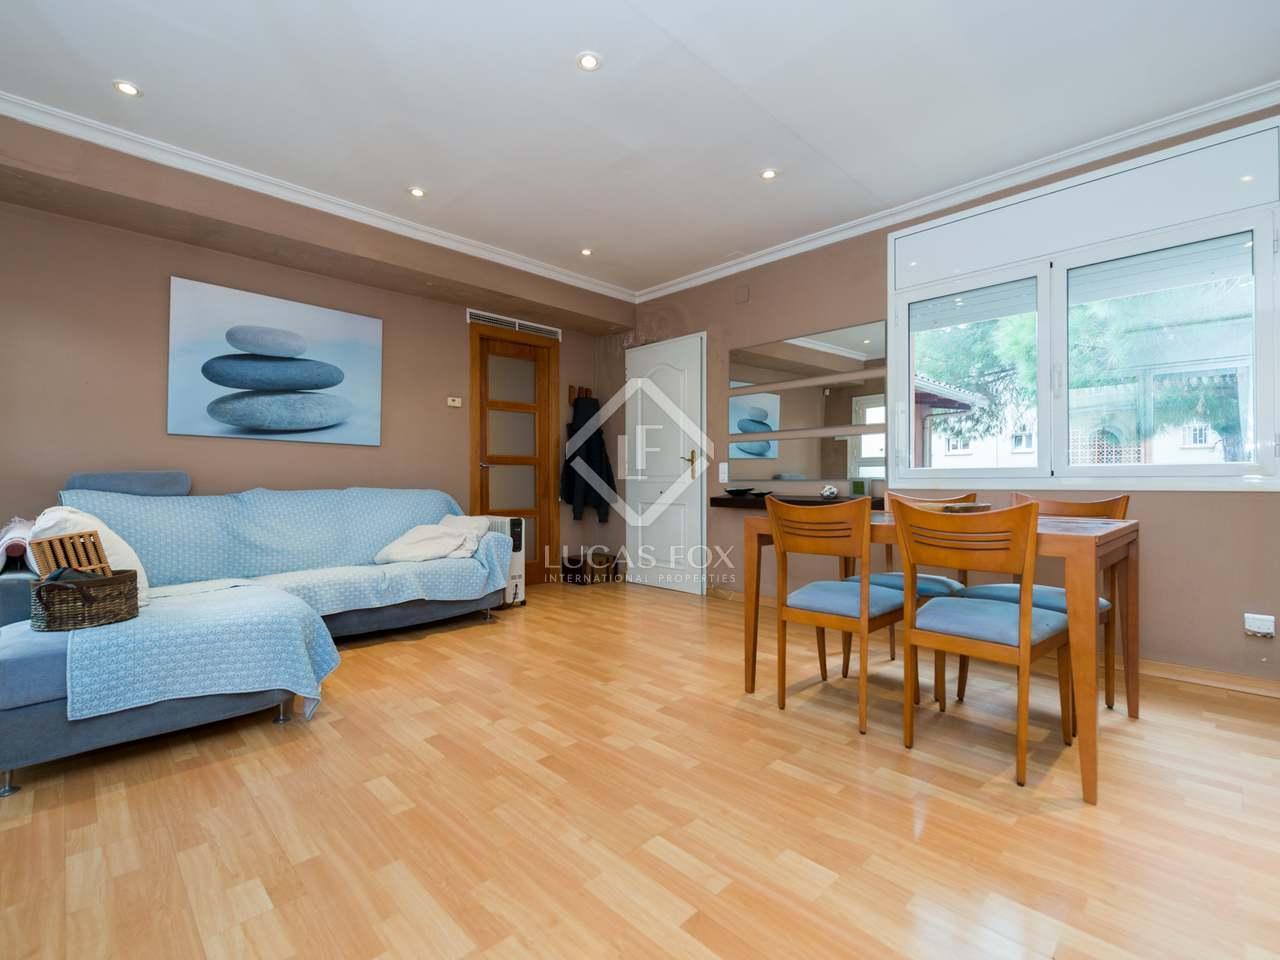 Casa de 351m con jard n y piscina en venta en gav mar for Compartir piso castelldefels